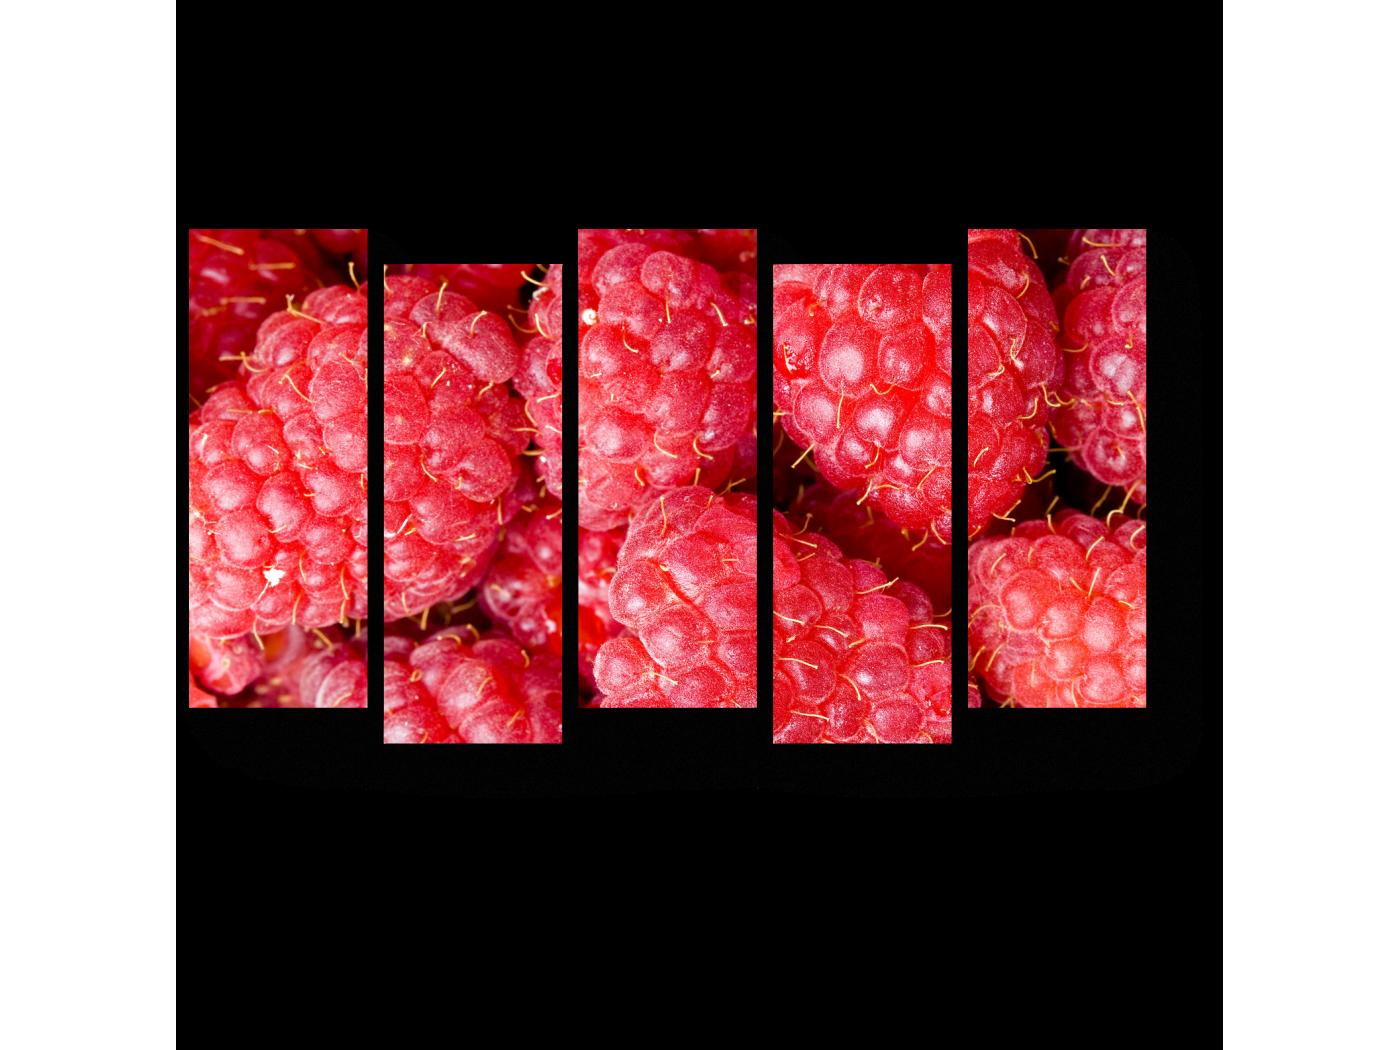 Модульная картина Крупные ягоды малины (90x52) фото